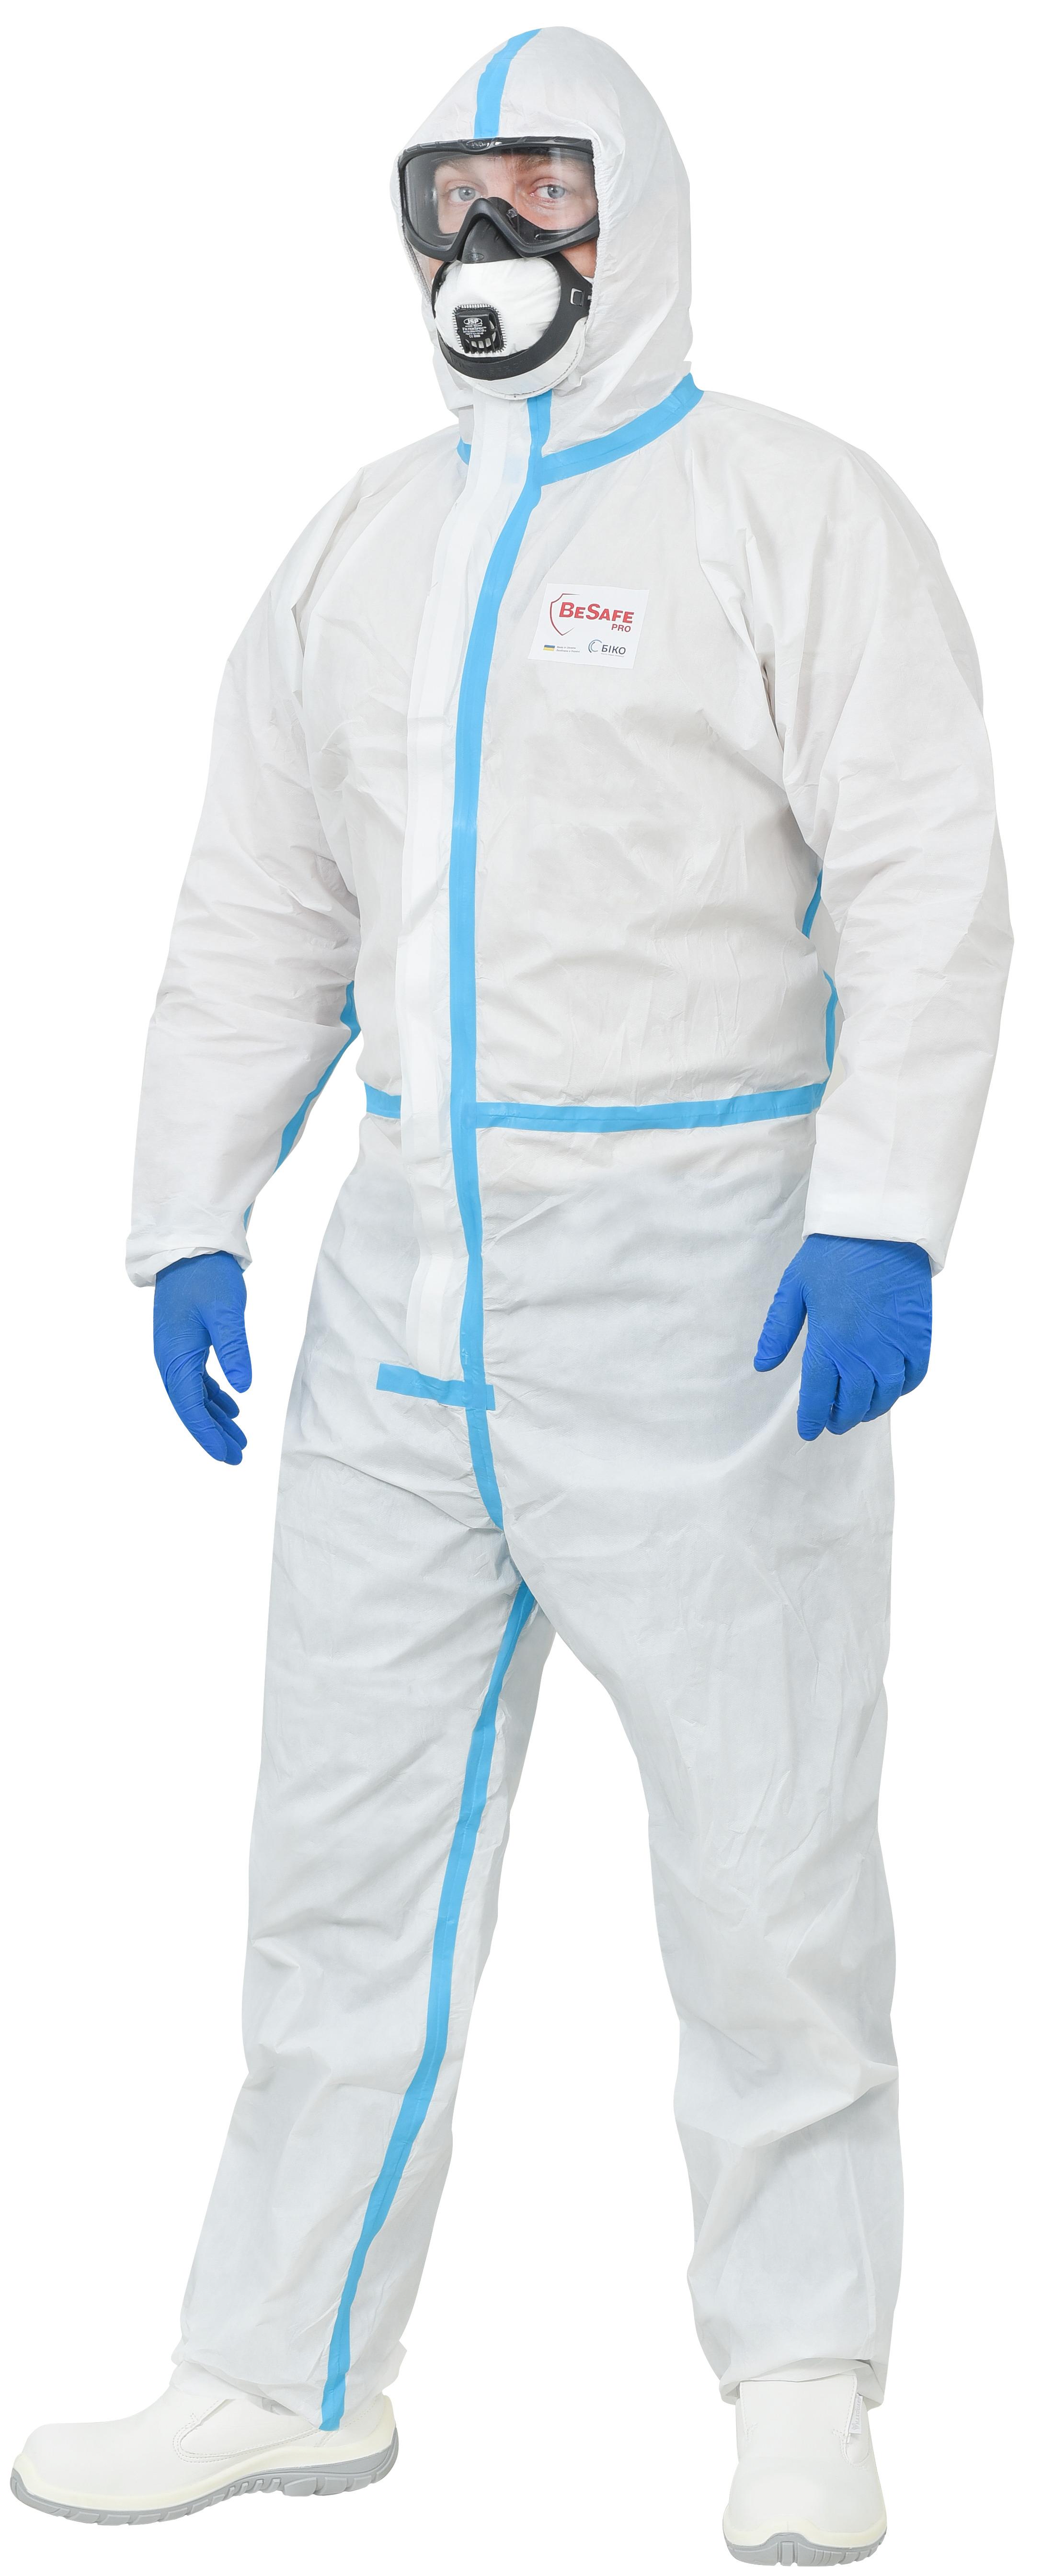 Медиків захищатимуть від ковіду сертифіковані костюми - фото 2